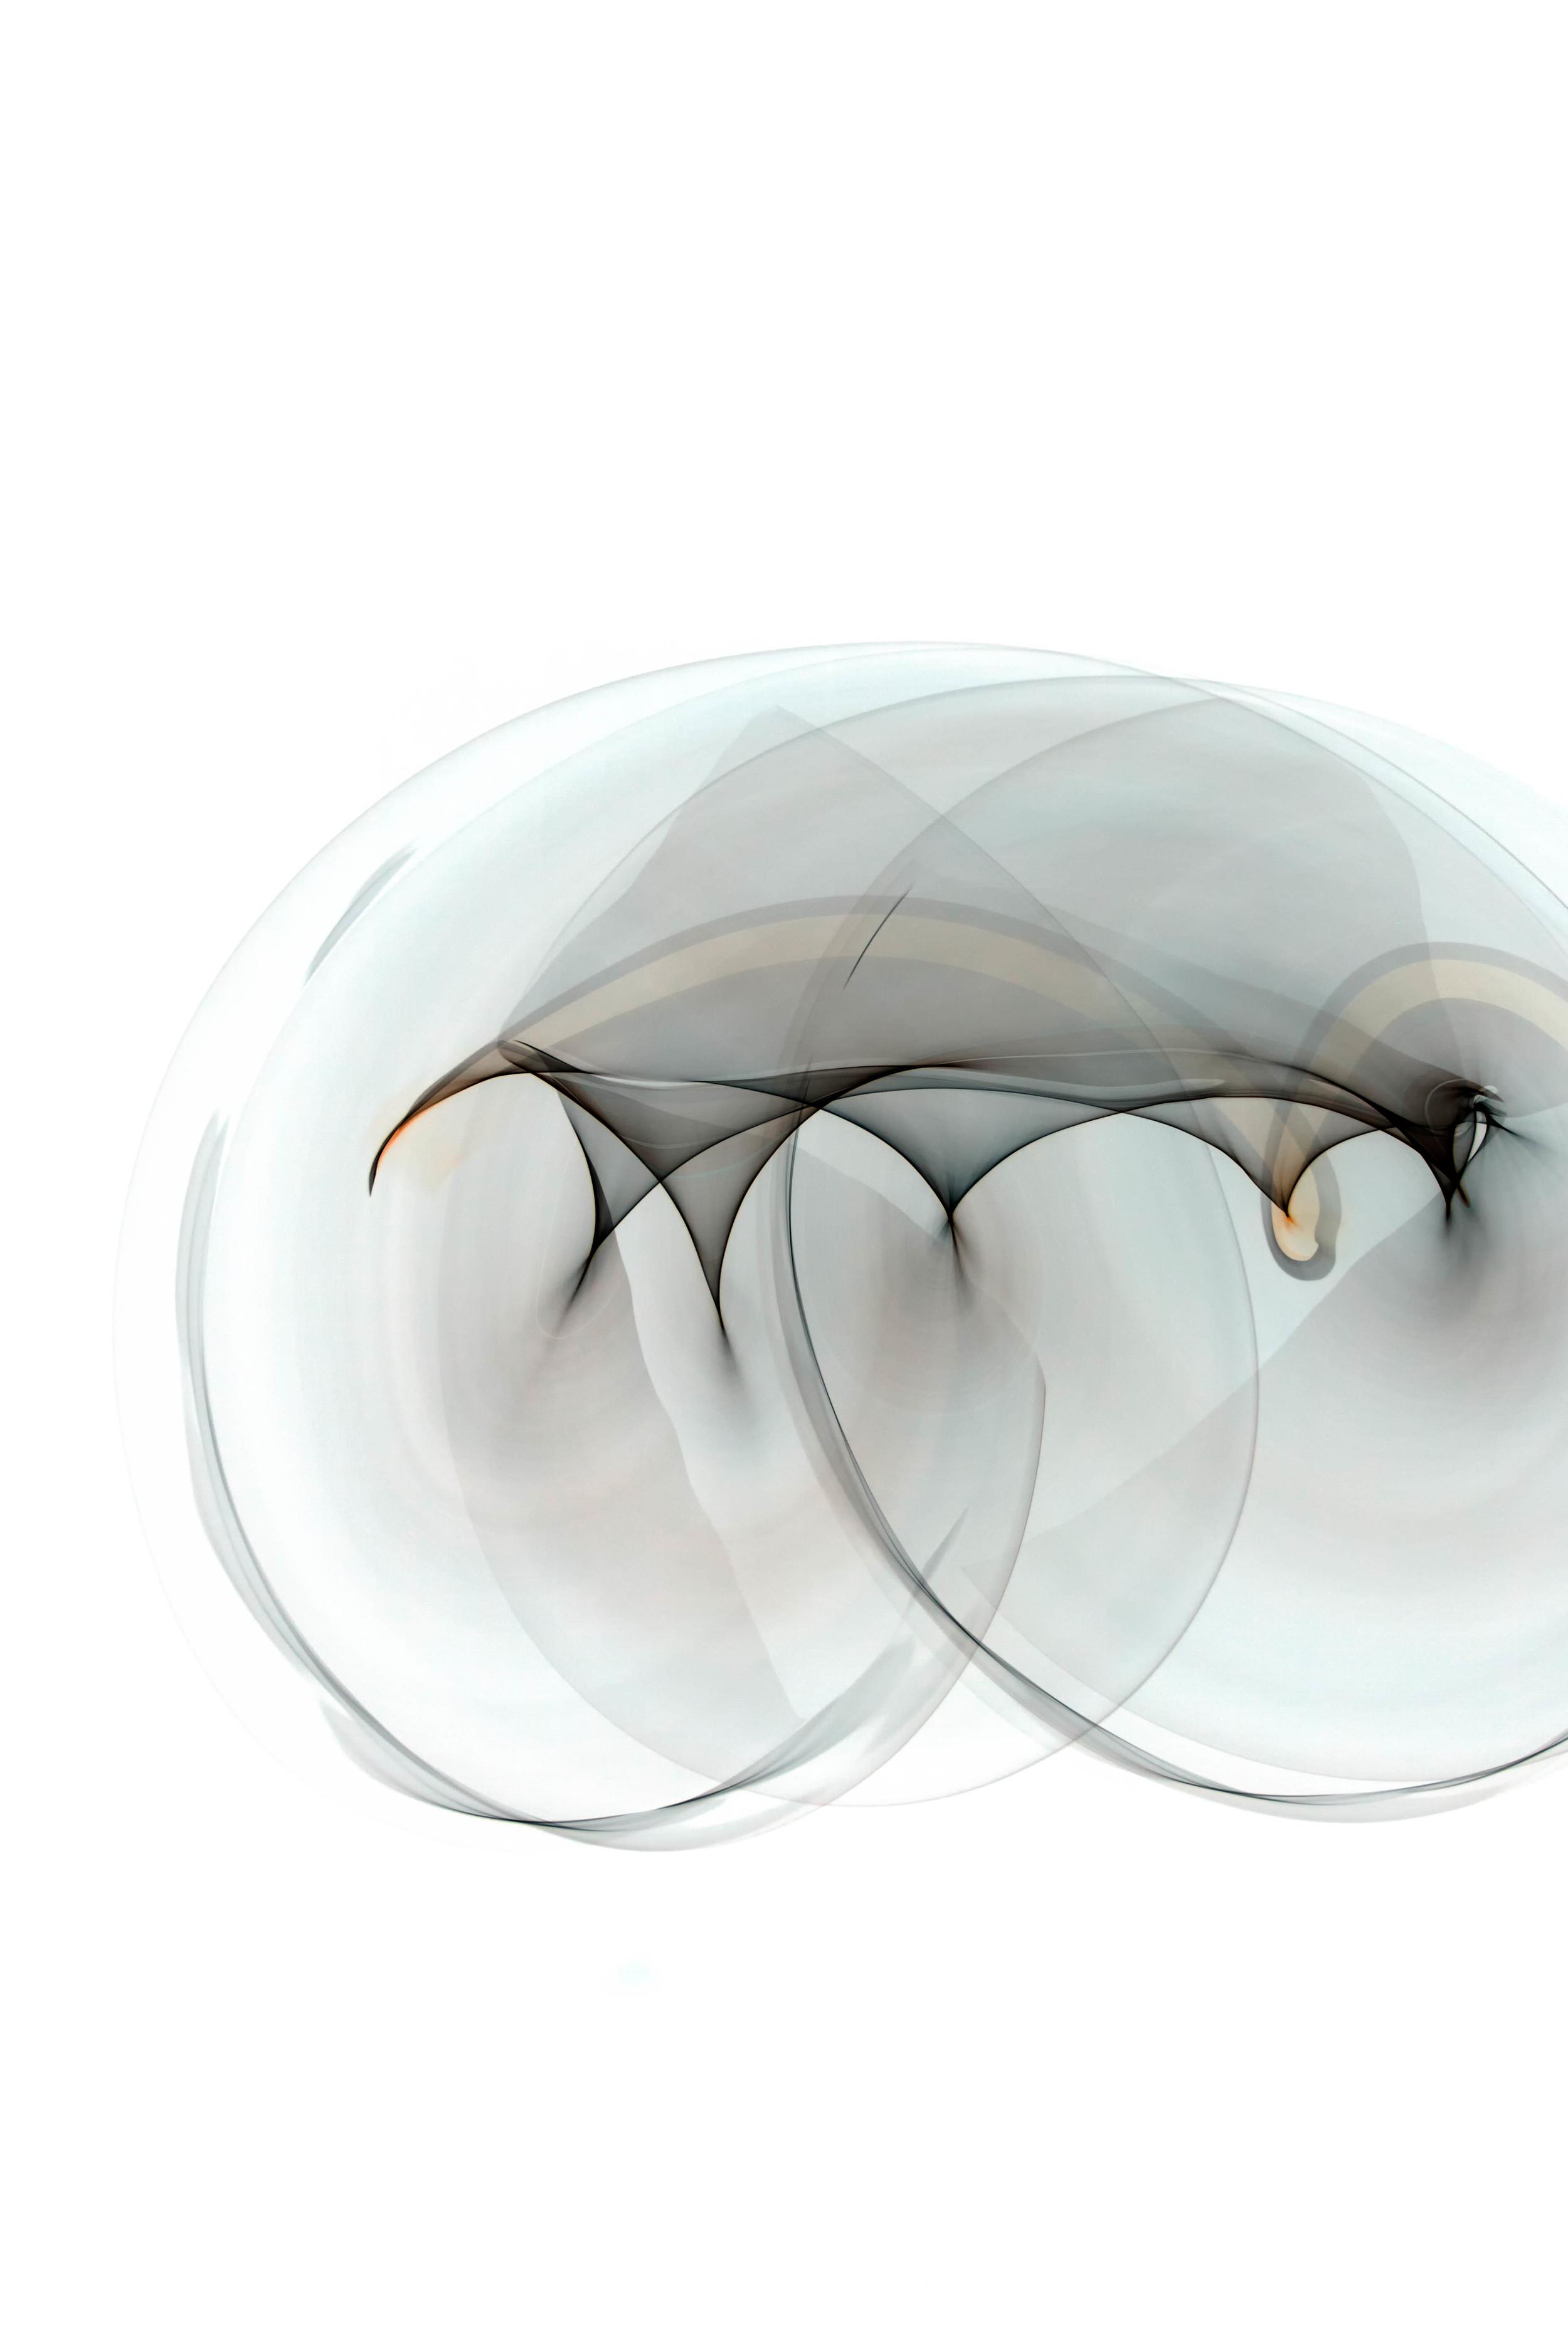 Spiral Envy